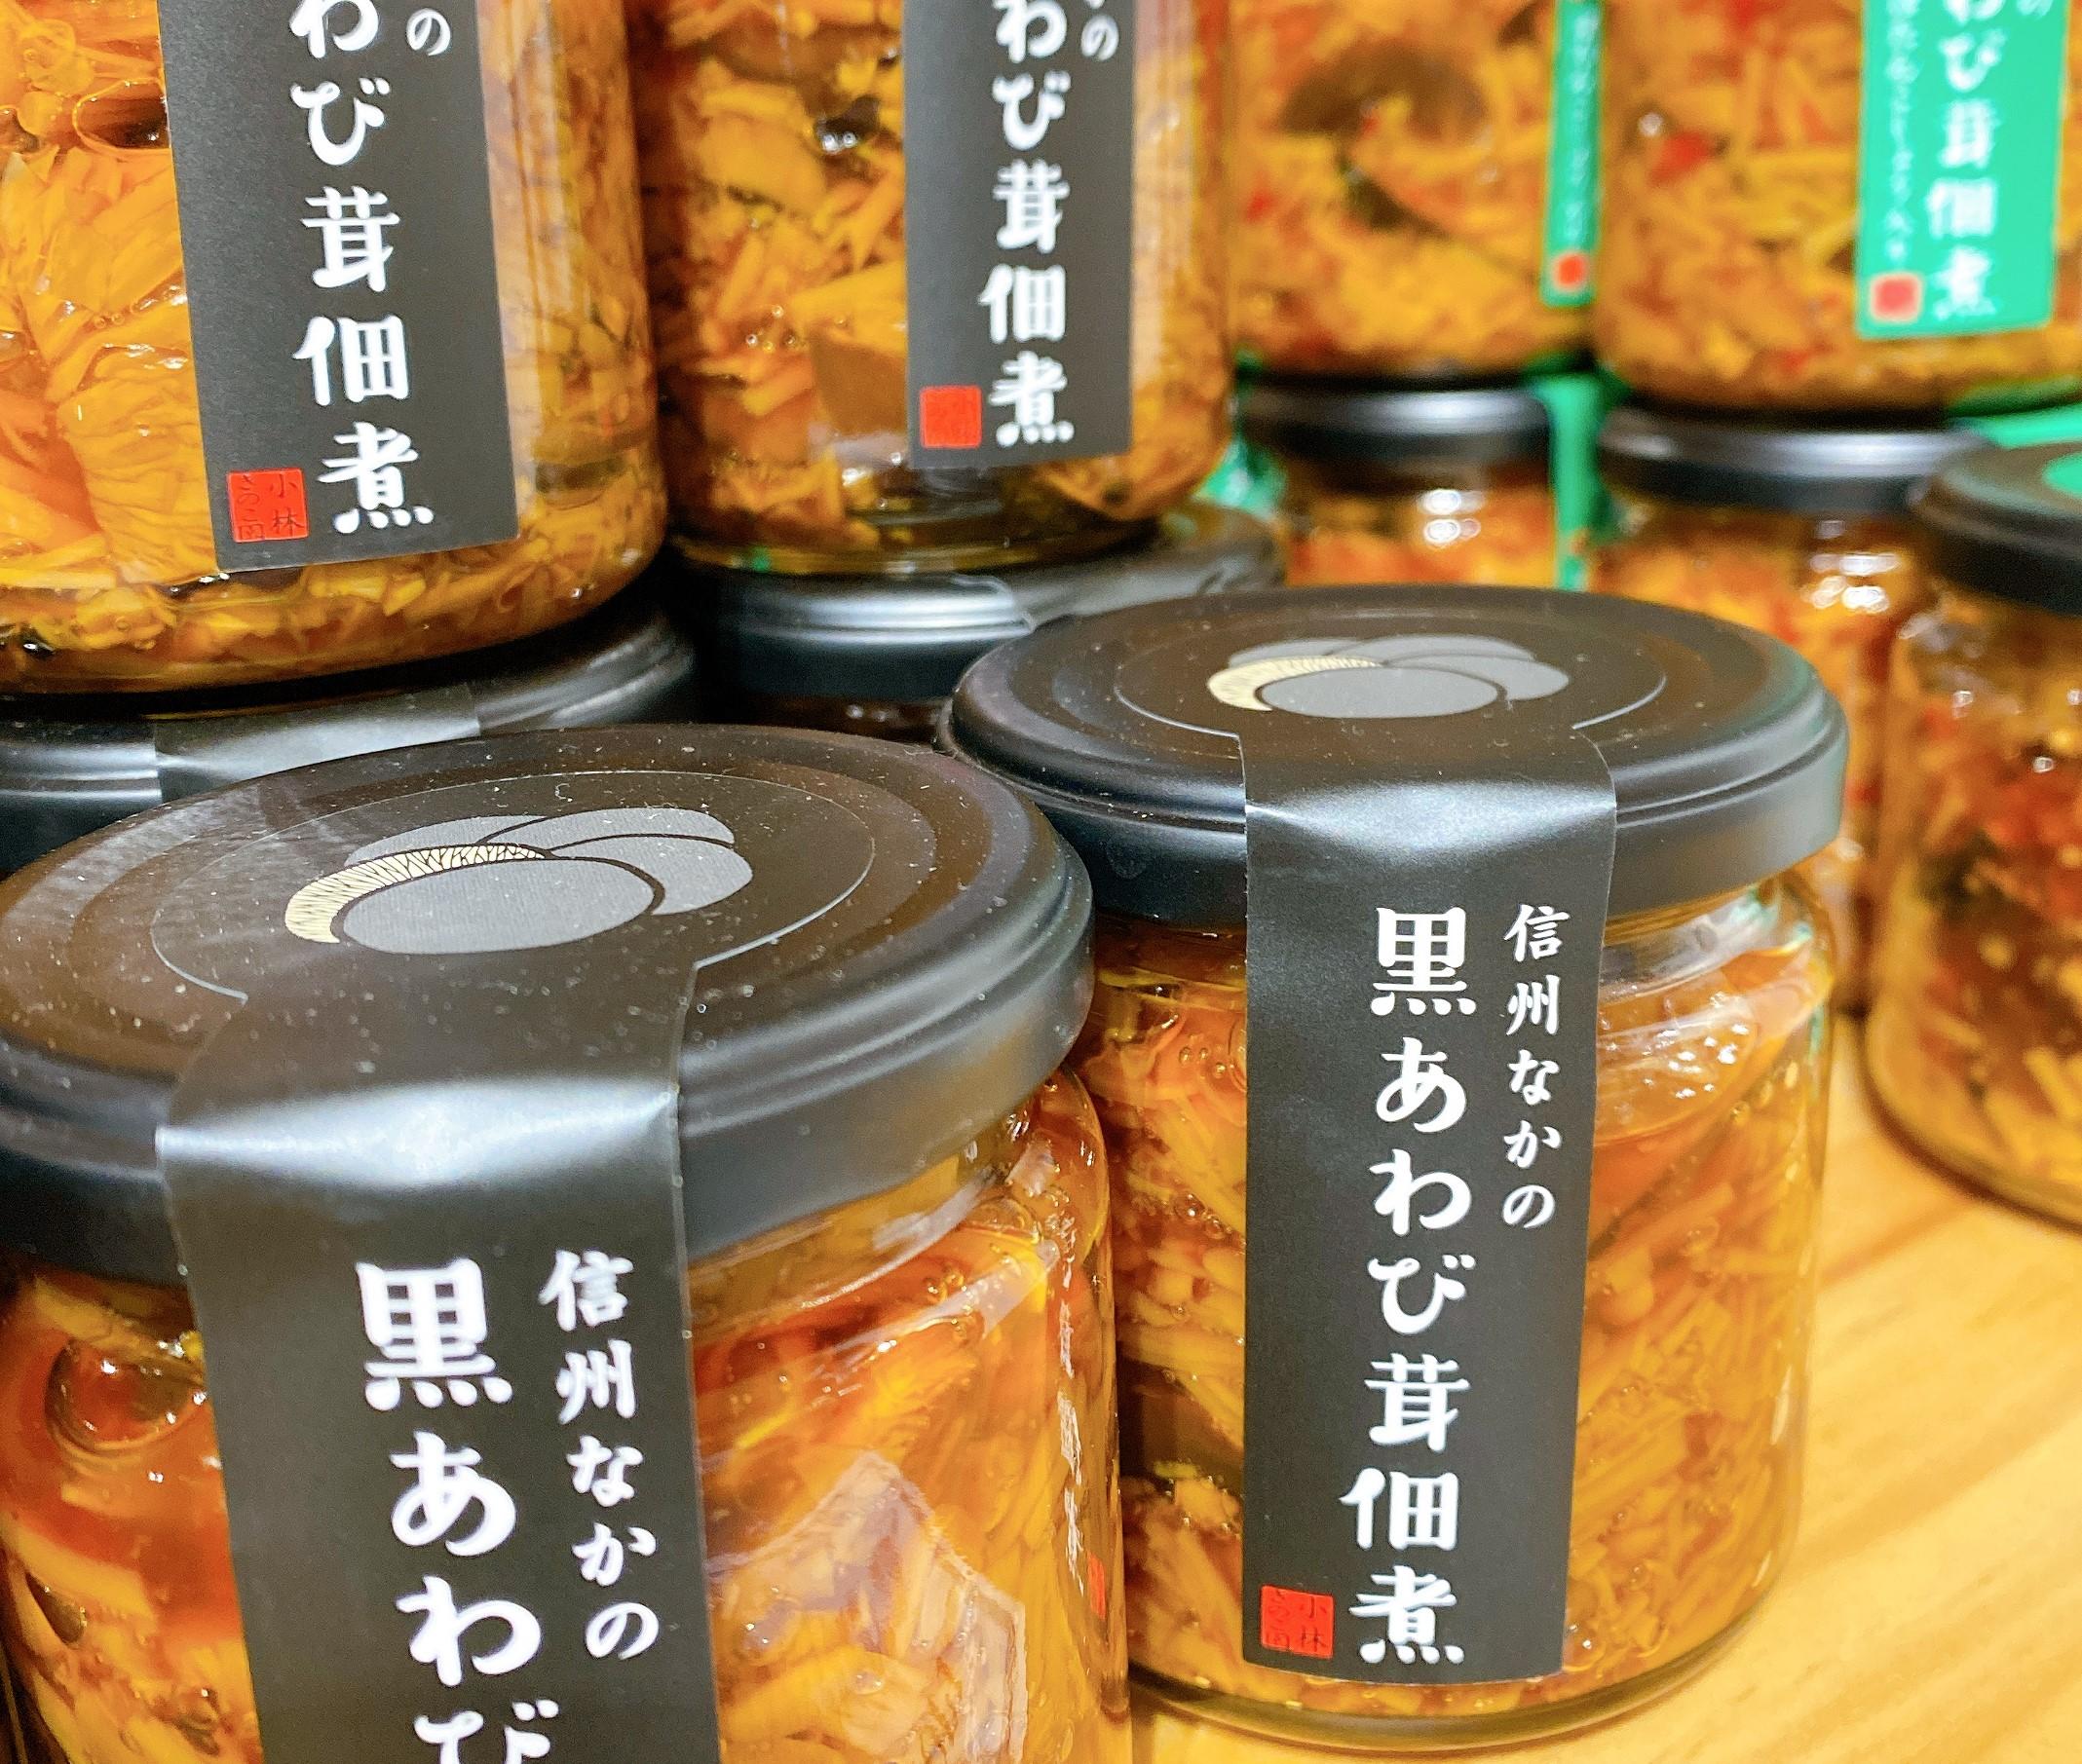 【新商品入荷】高級きのこを贅沢に使った「黒あわび茸佃煮」